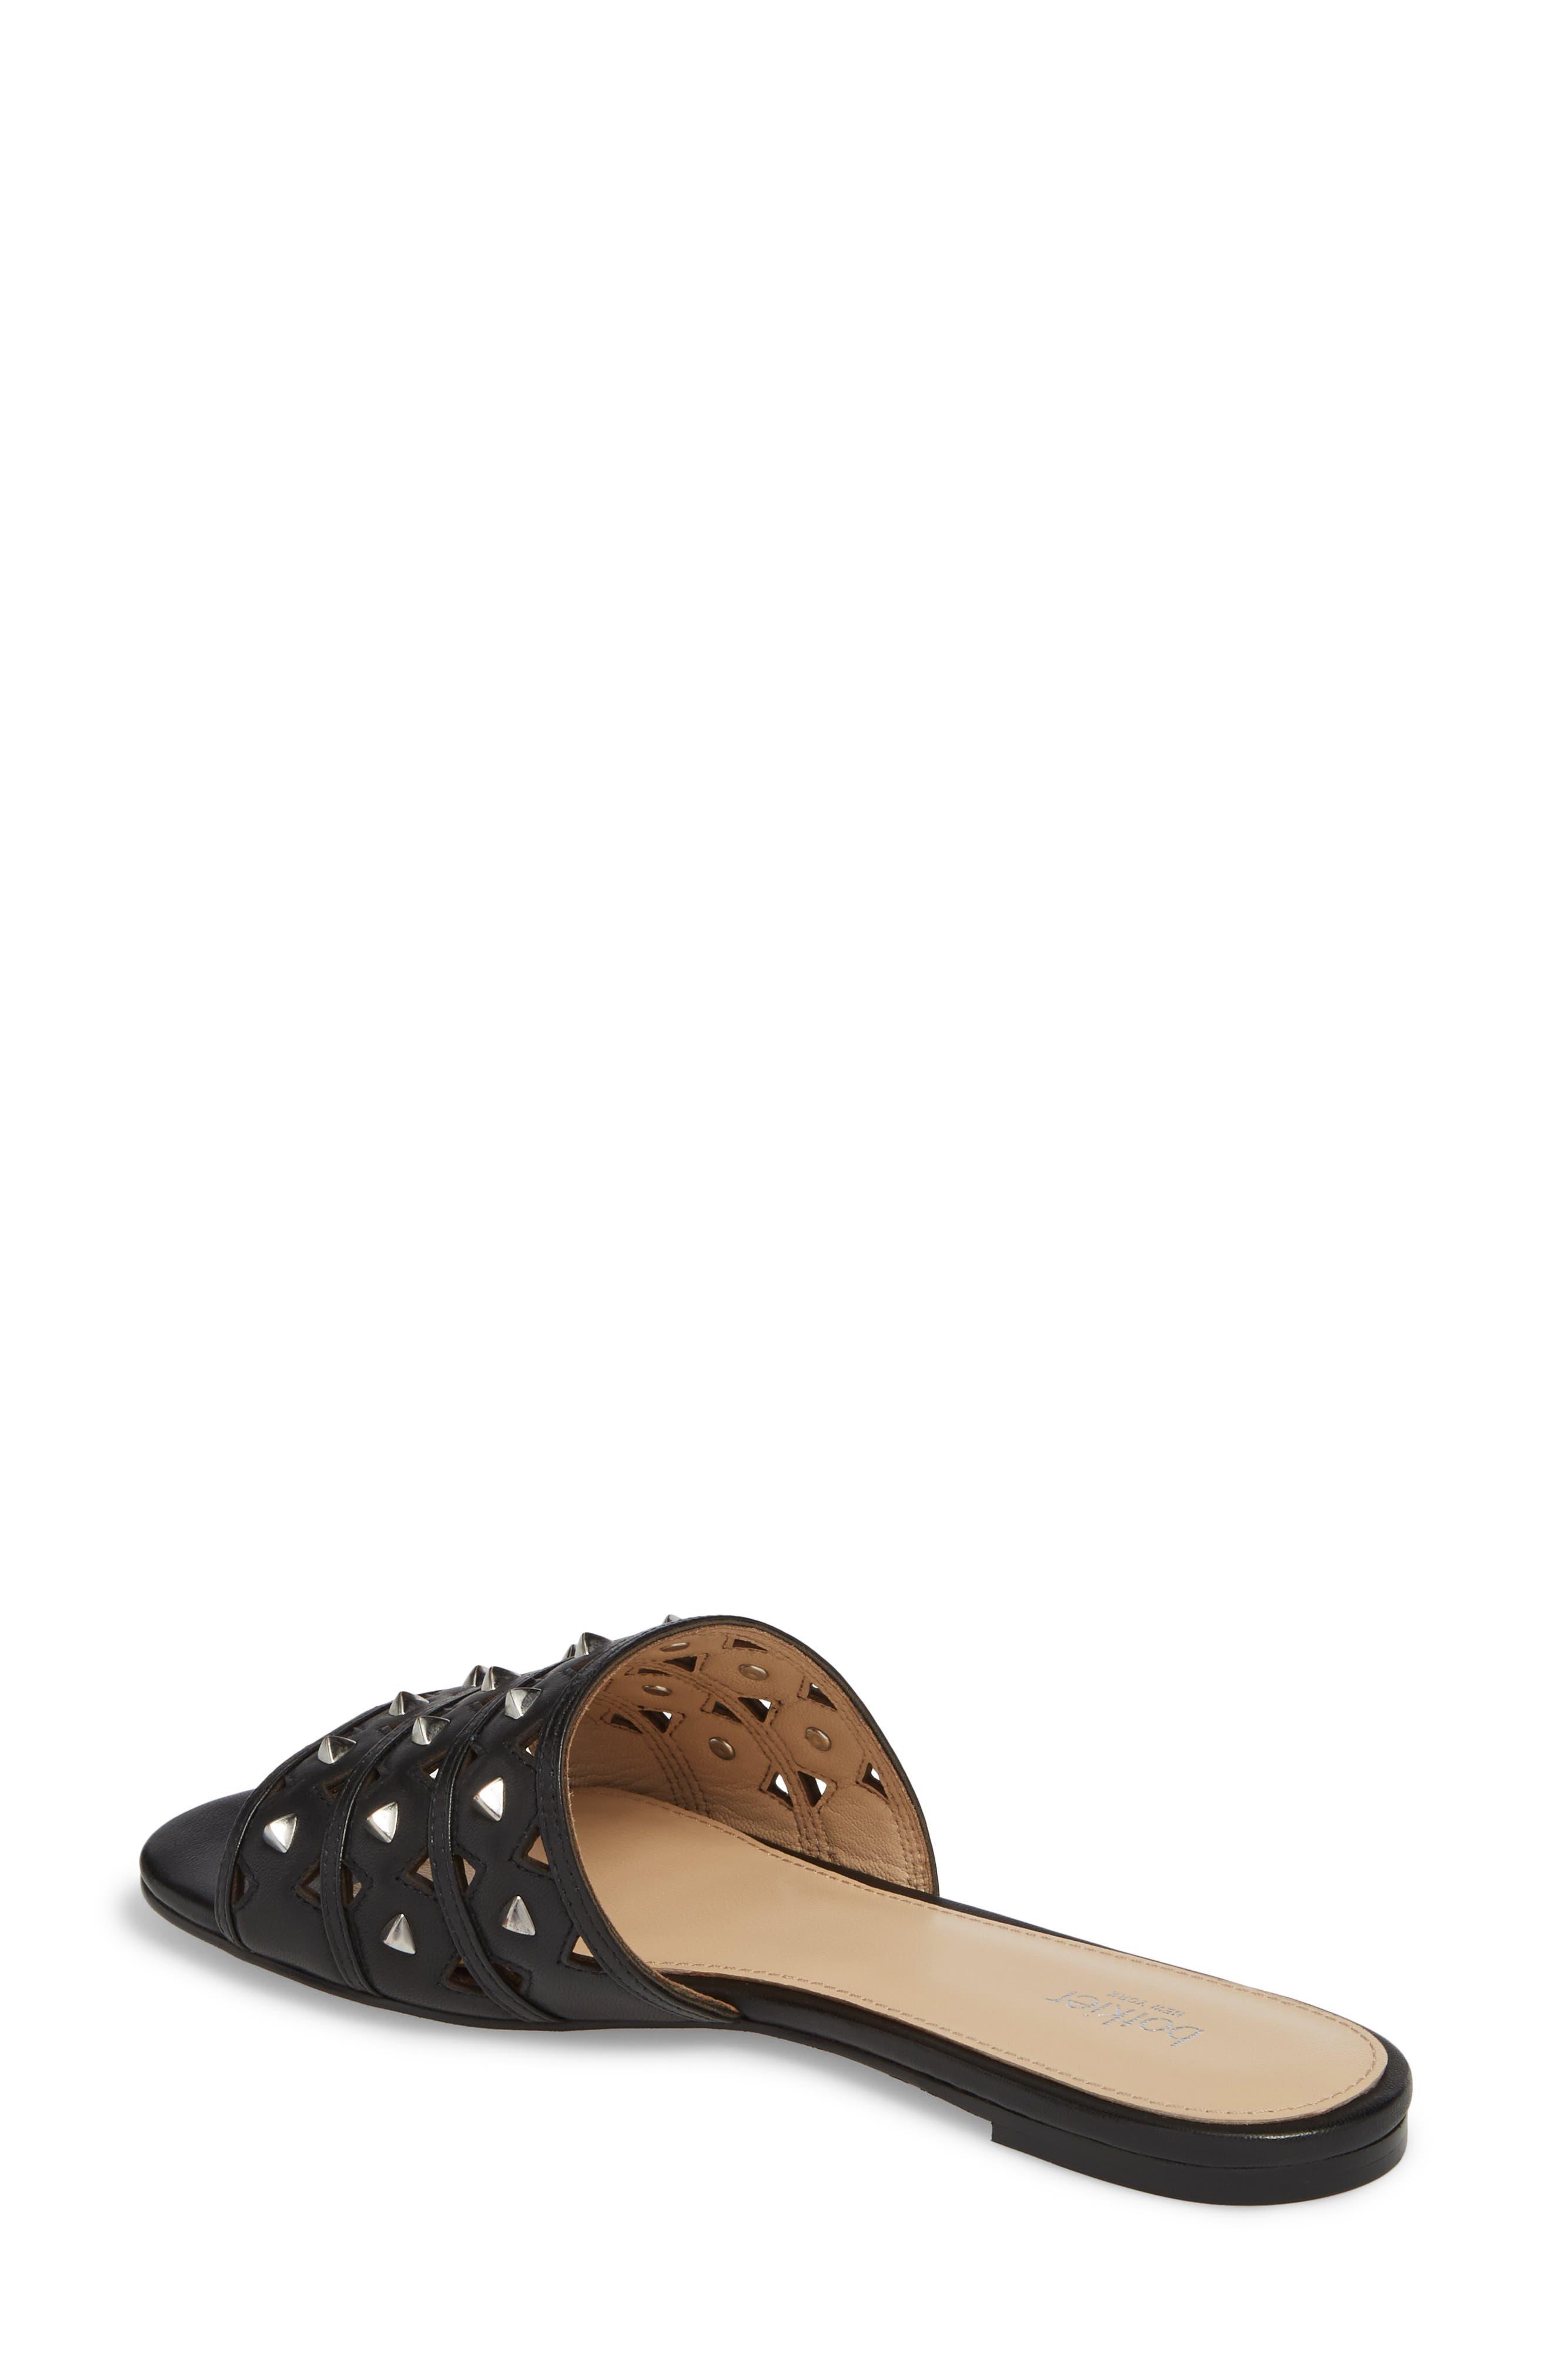 Maeva Slide Sandal,                             Alternate thumbnail 2, color,                             001